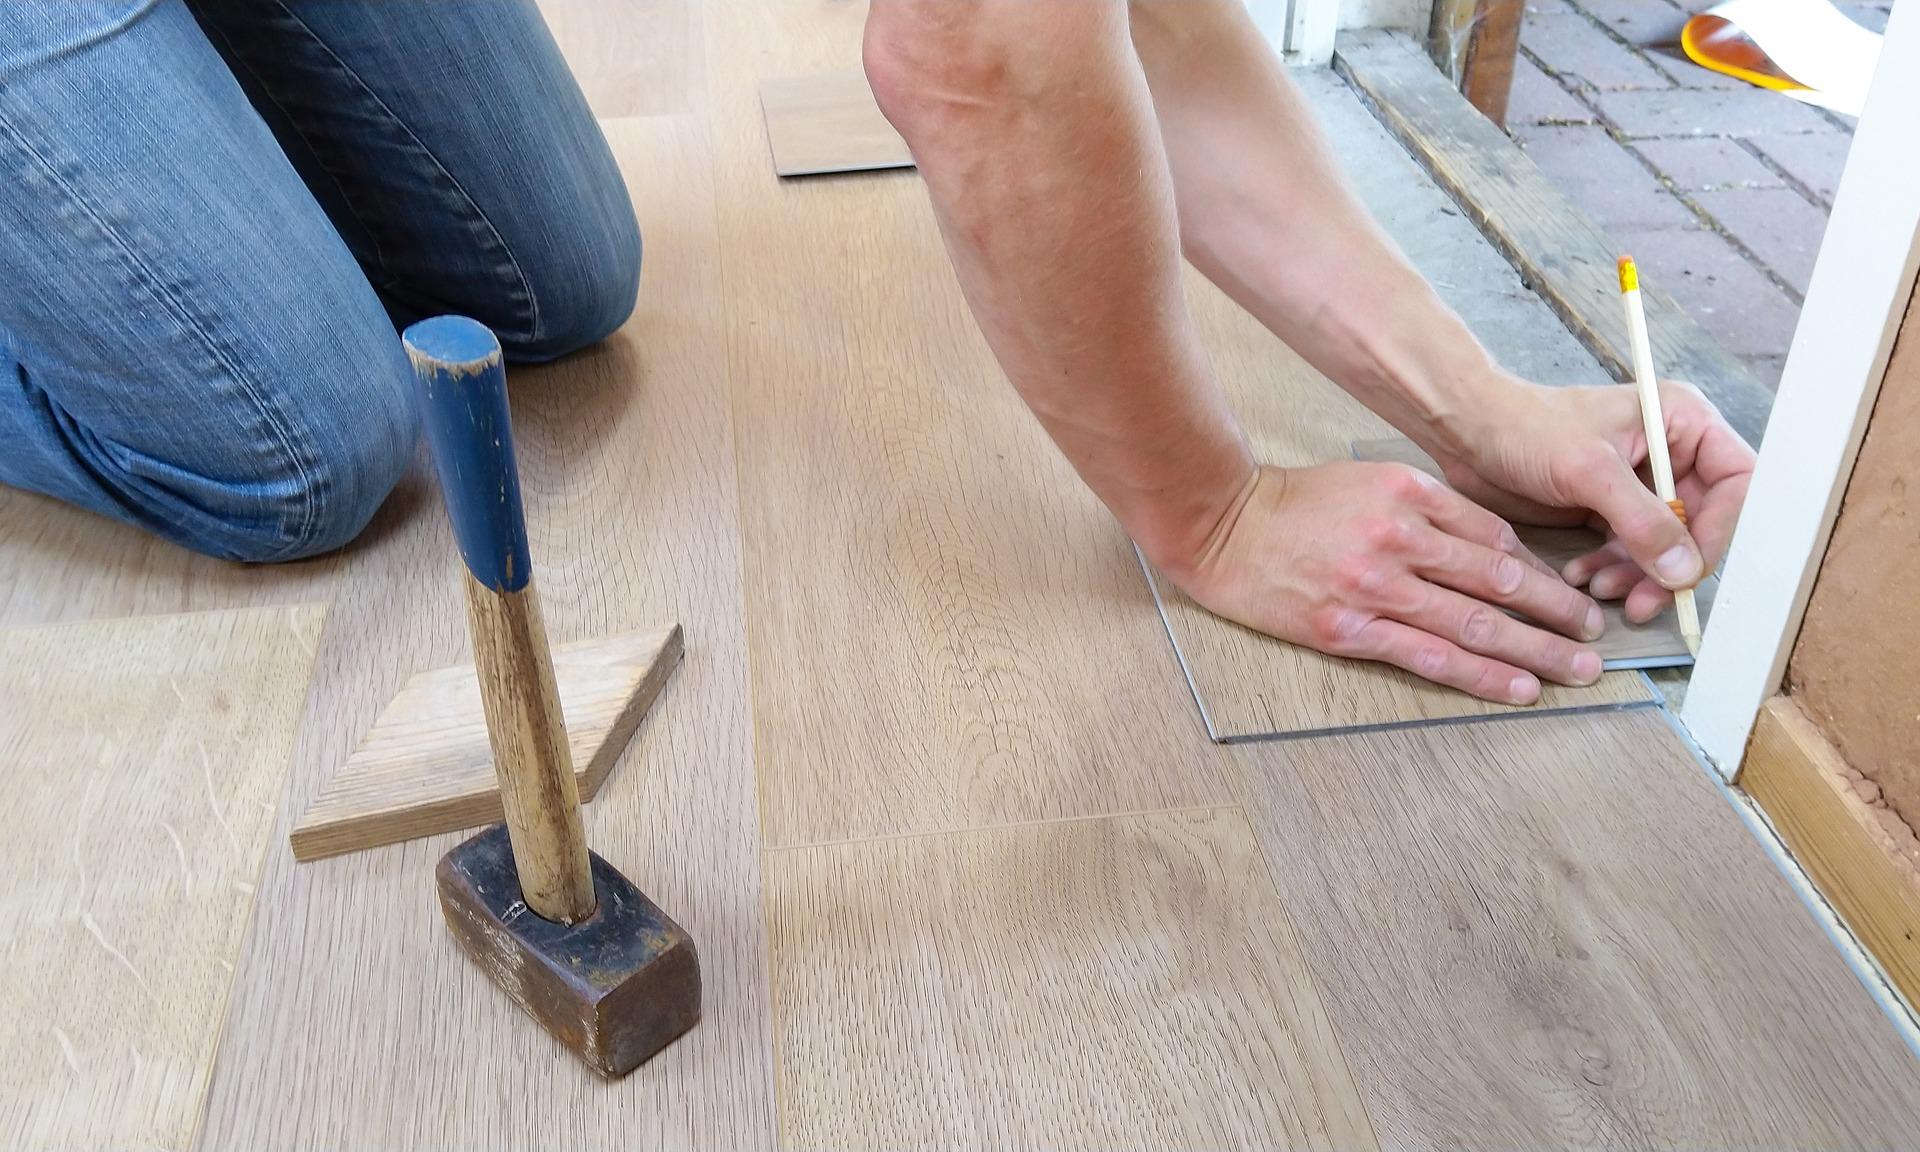 Uma mão masculina segurando um lápis para carpinteiro sendo utilizado para riscar uma parede e a outra mão segurando um pedaço de piso de madeira.